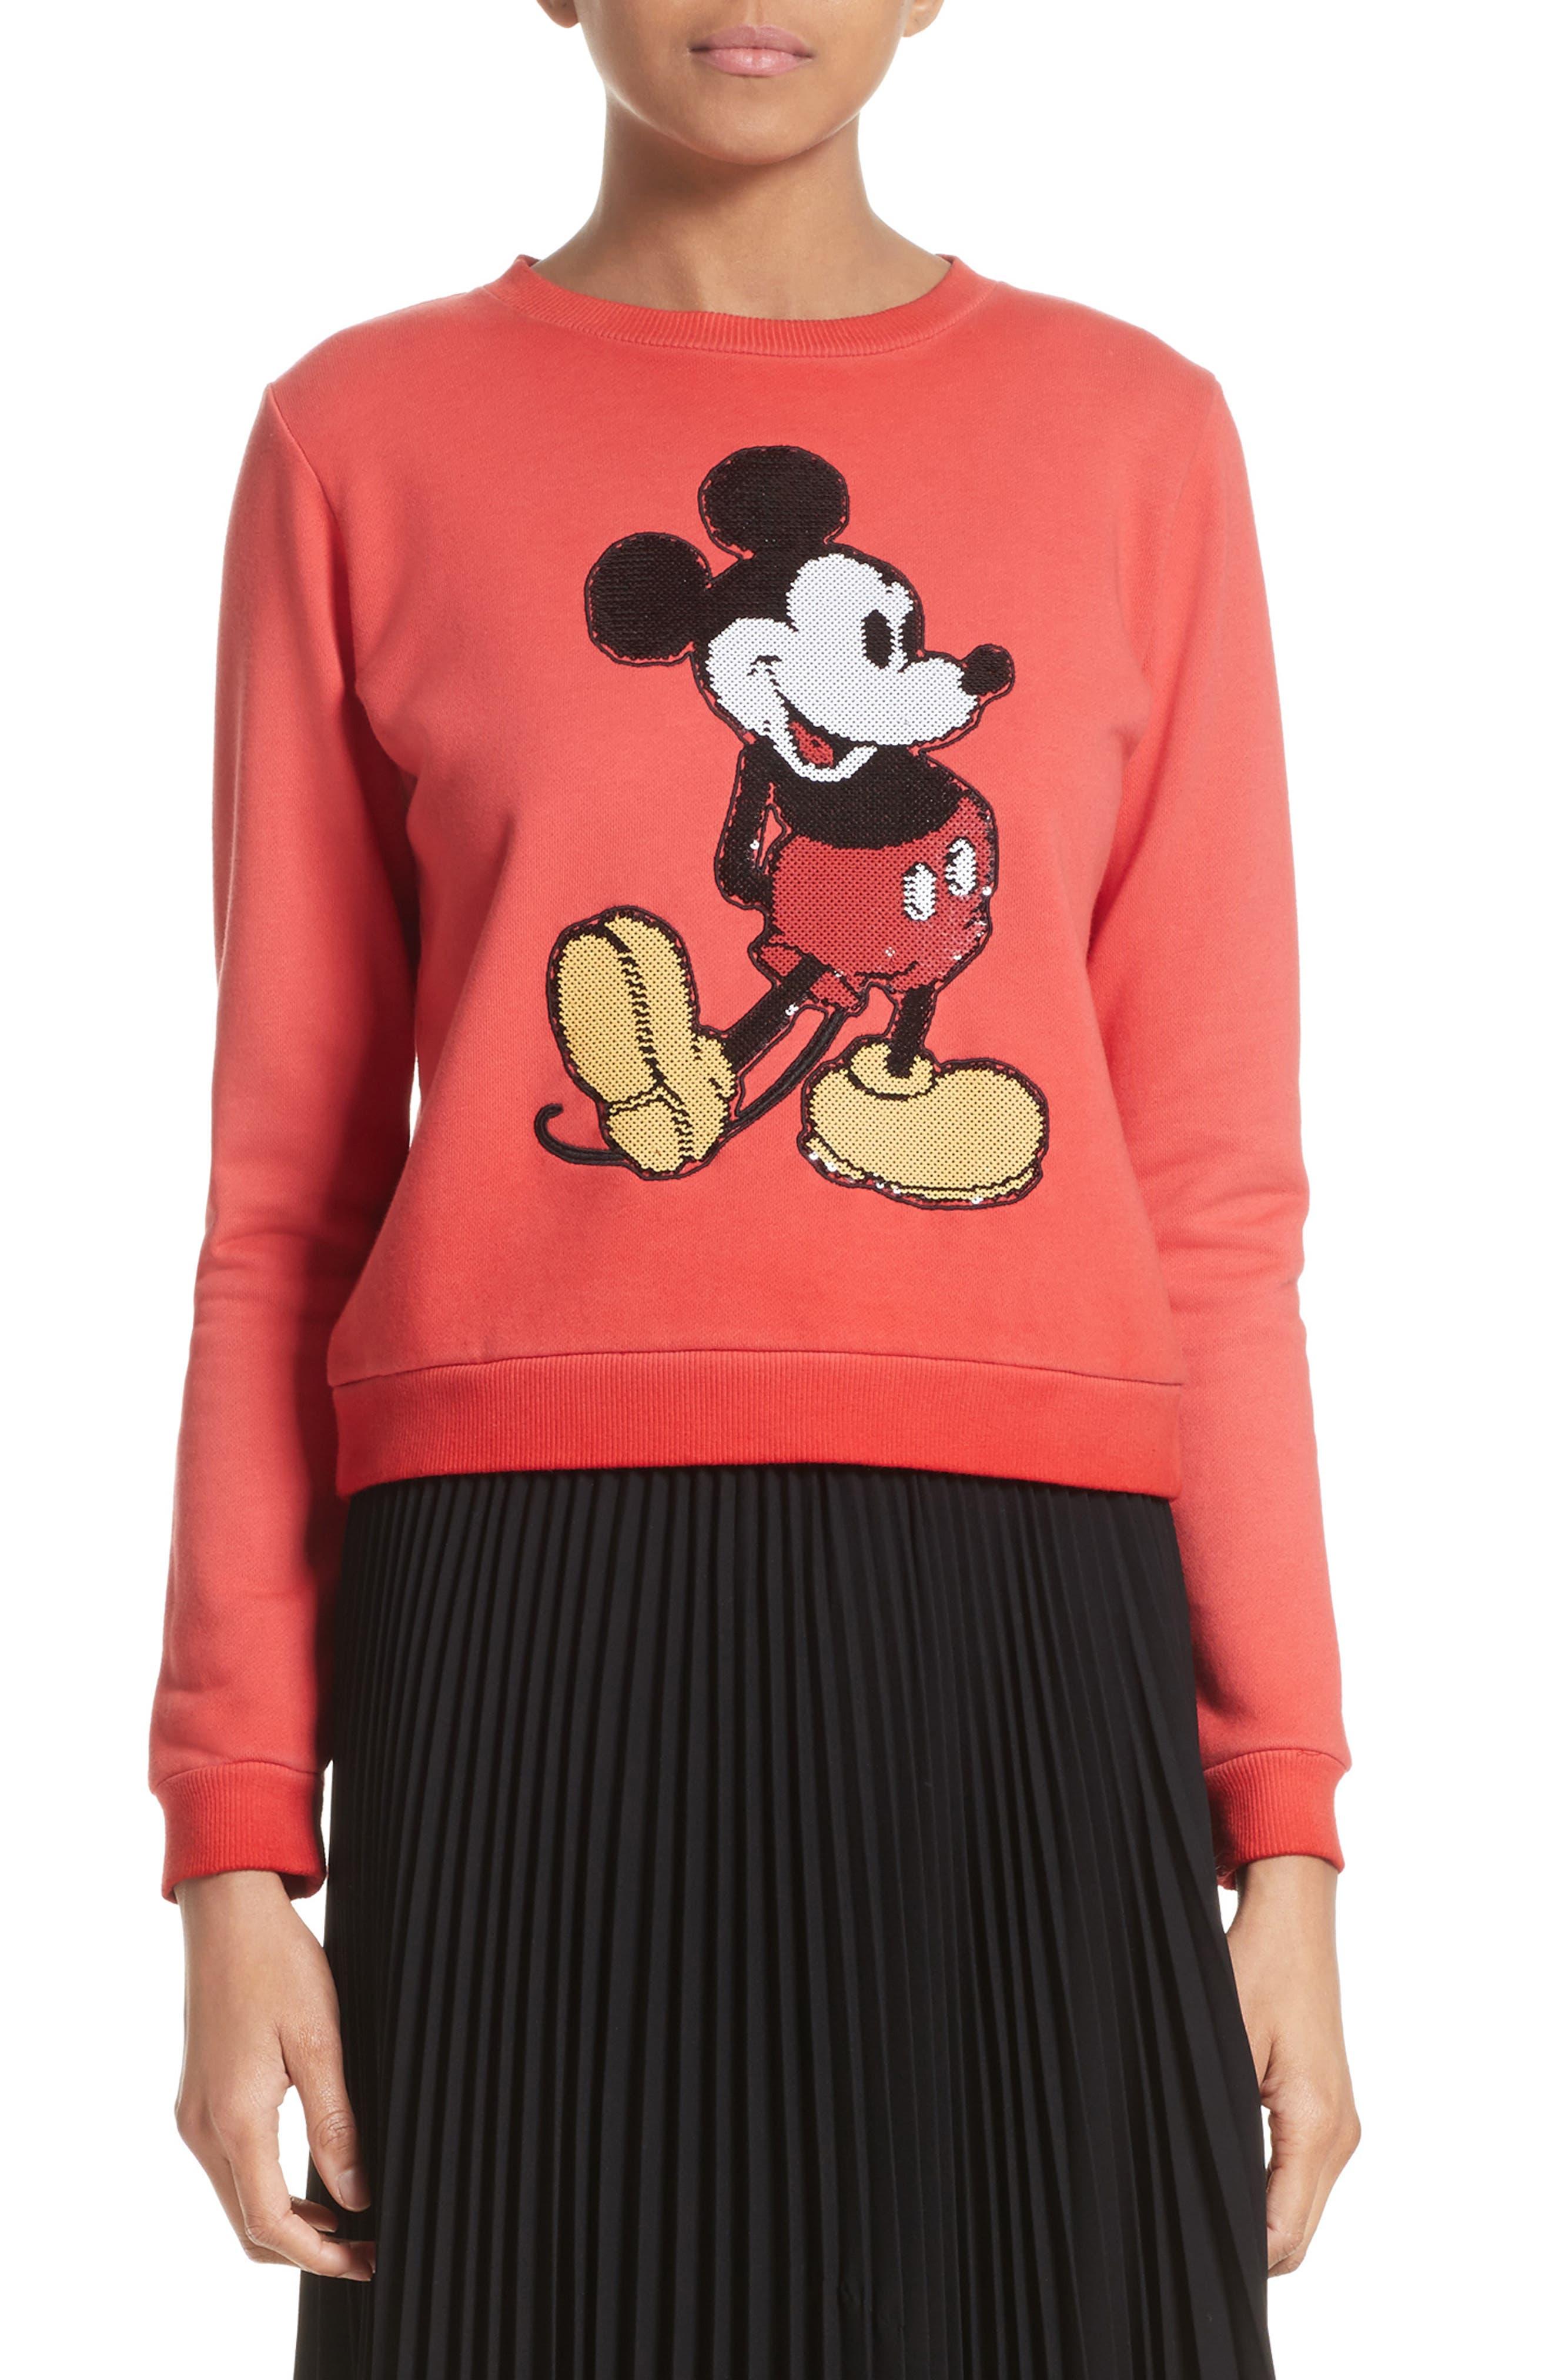 MARC JACOBS Mickey Shrunken Sweatshirt